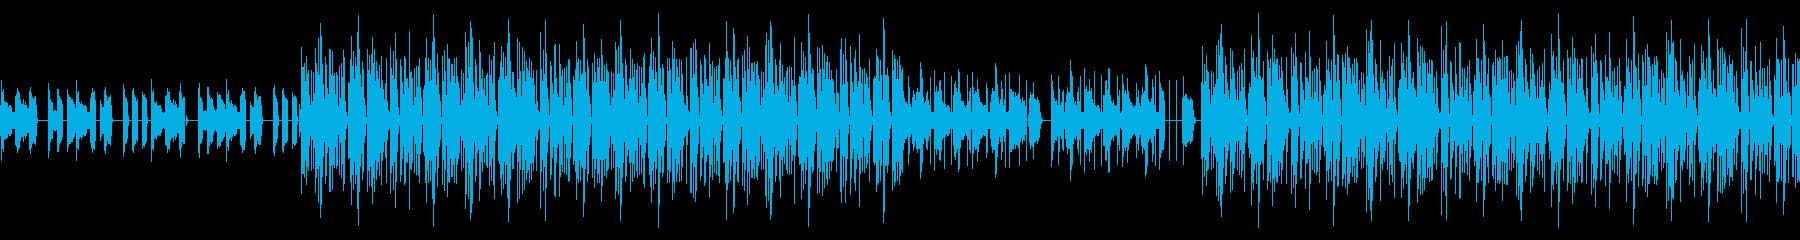 ポップでかわいい音色の超高速ジュークの再生済みの波形